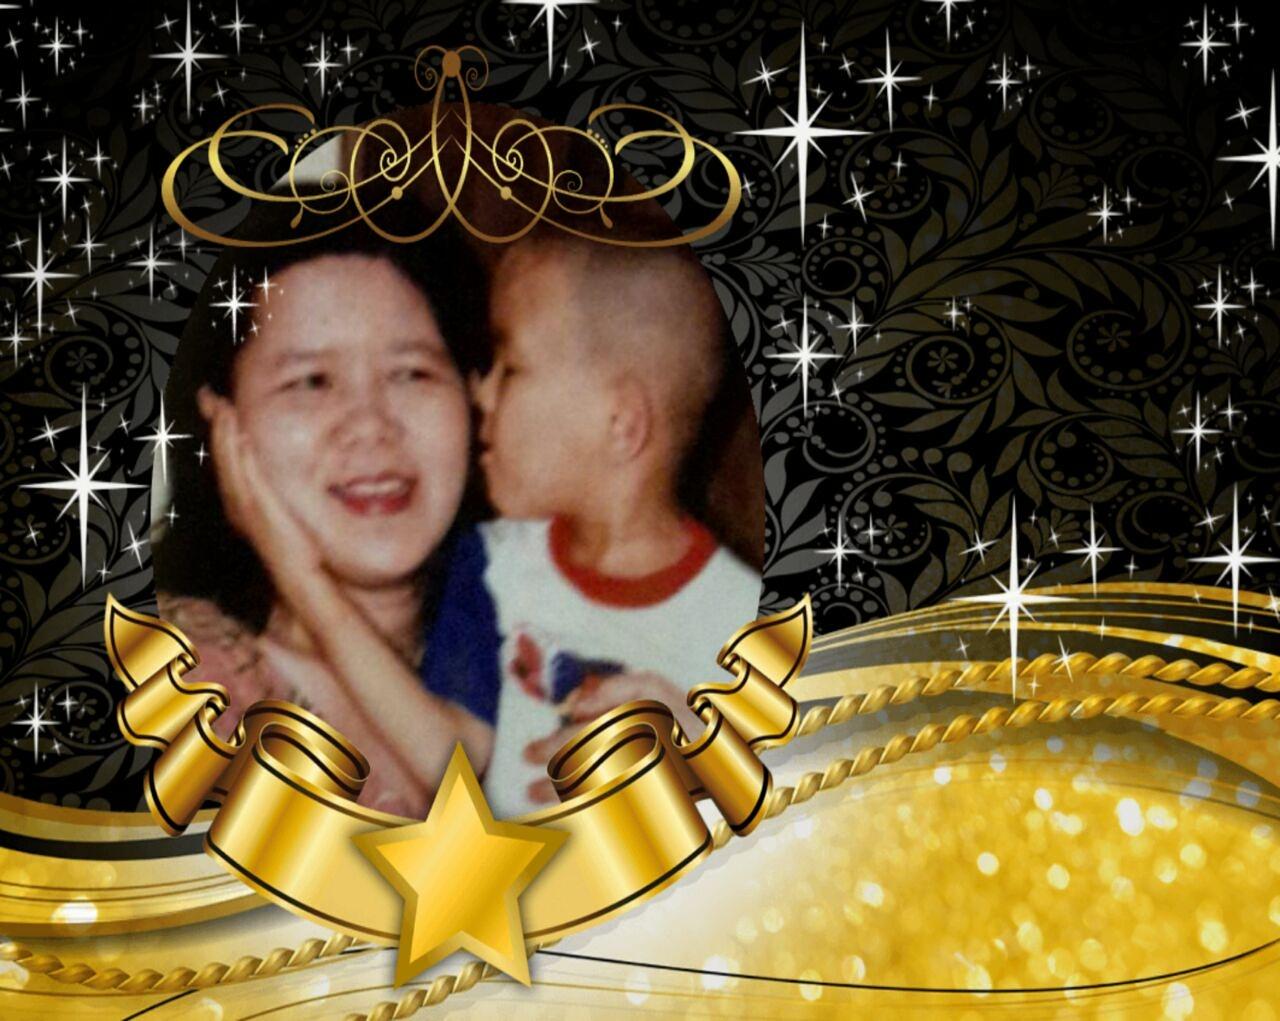 Kenangan indah bagaikan bintang yang selalu berkilauan.....